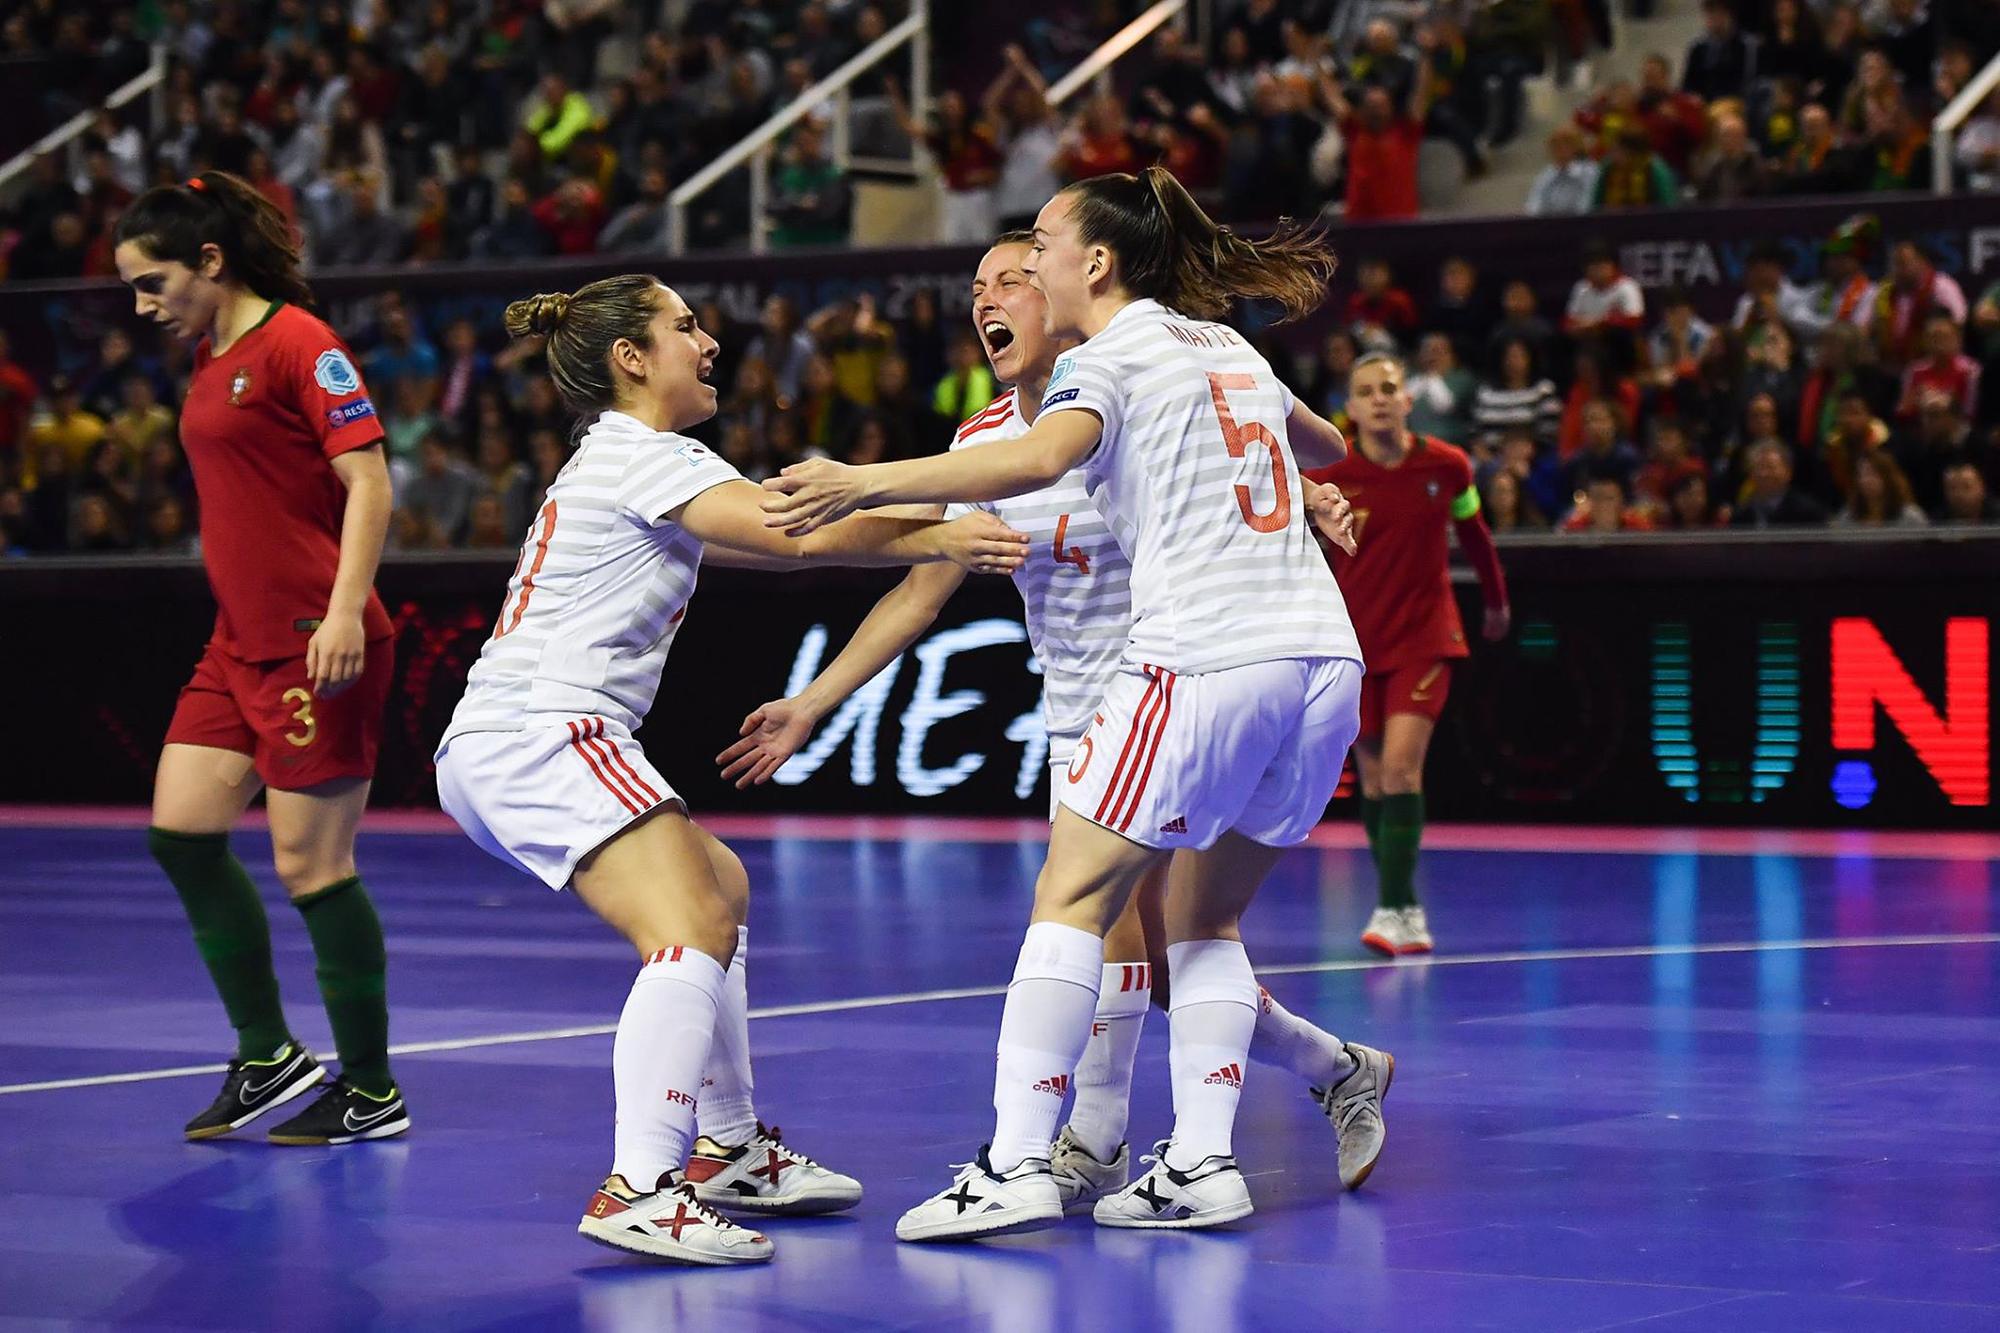 A Espanha bateu a seleção Portuguesa por 4-0 na final do Euro de futsal Feminino.